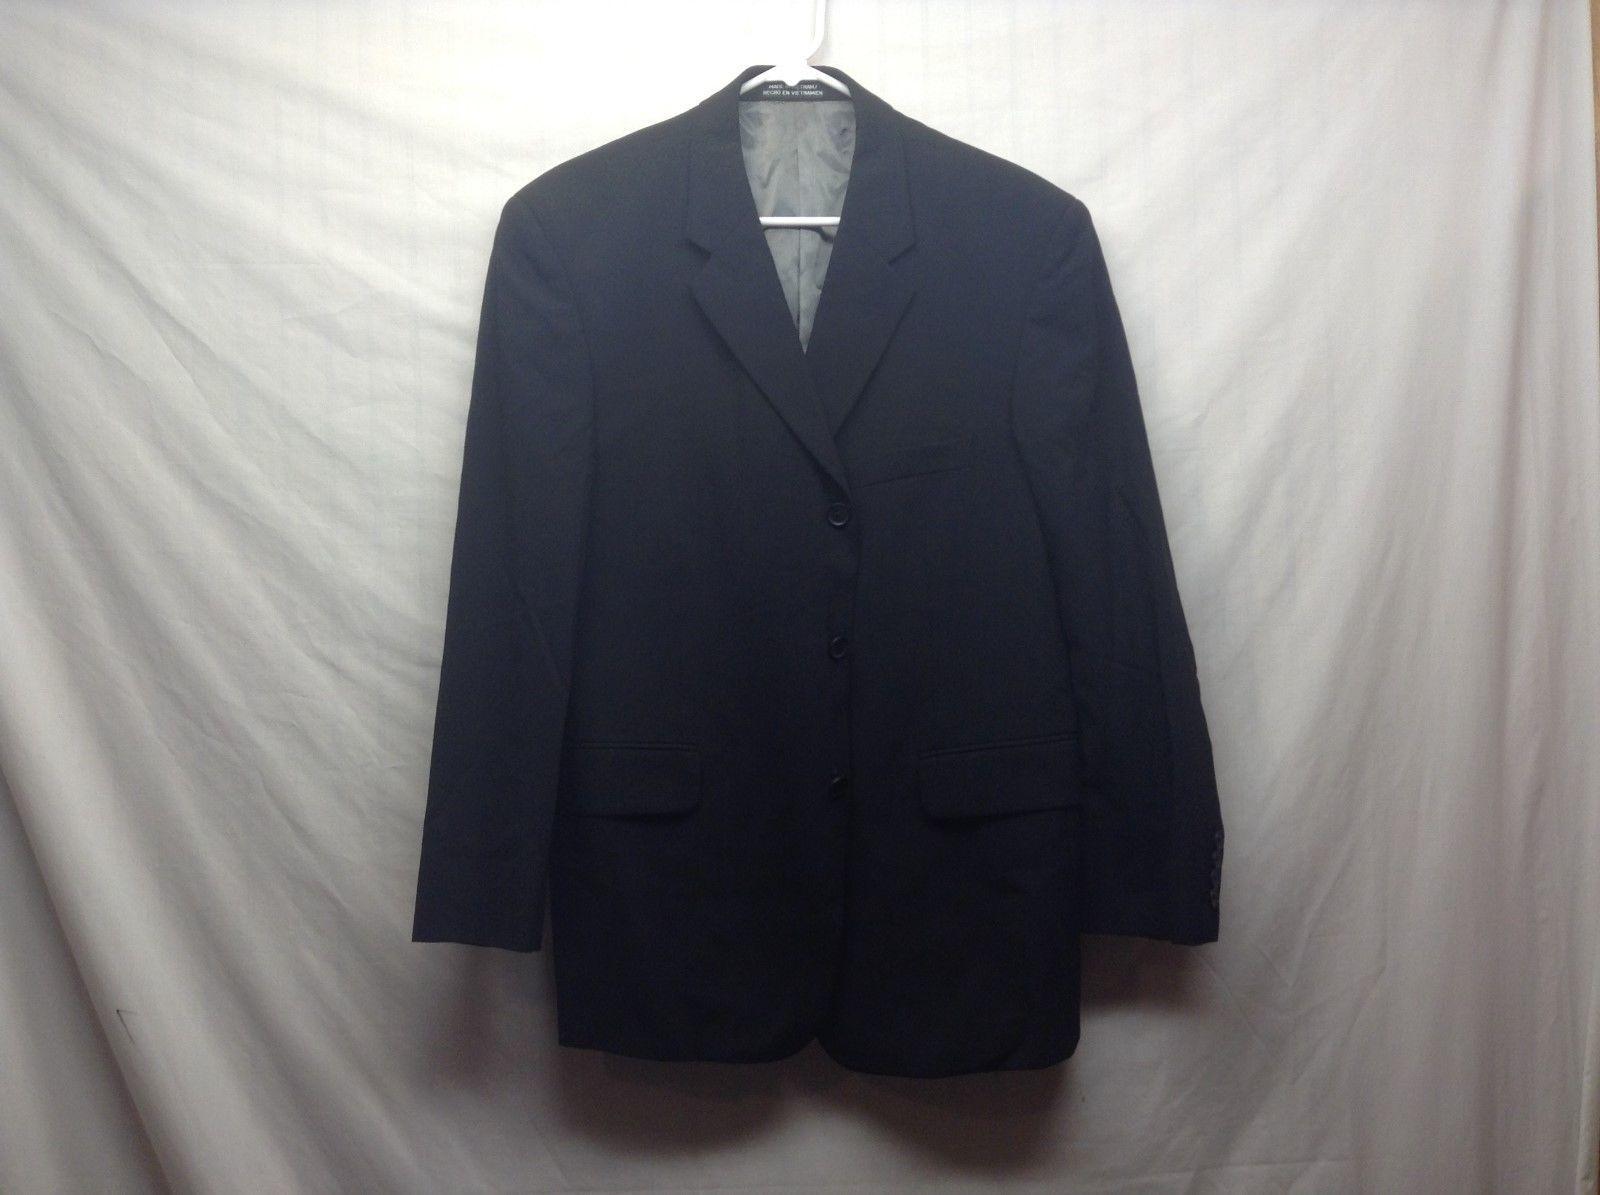 J. Ferrar Black Wool Suit Jacket